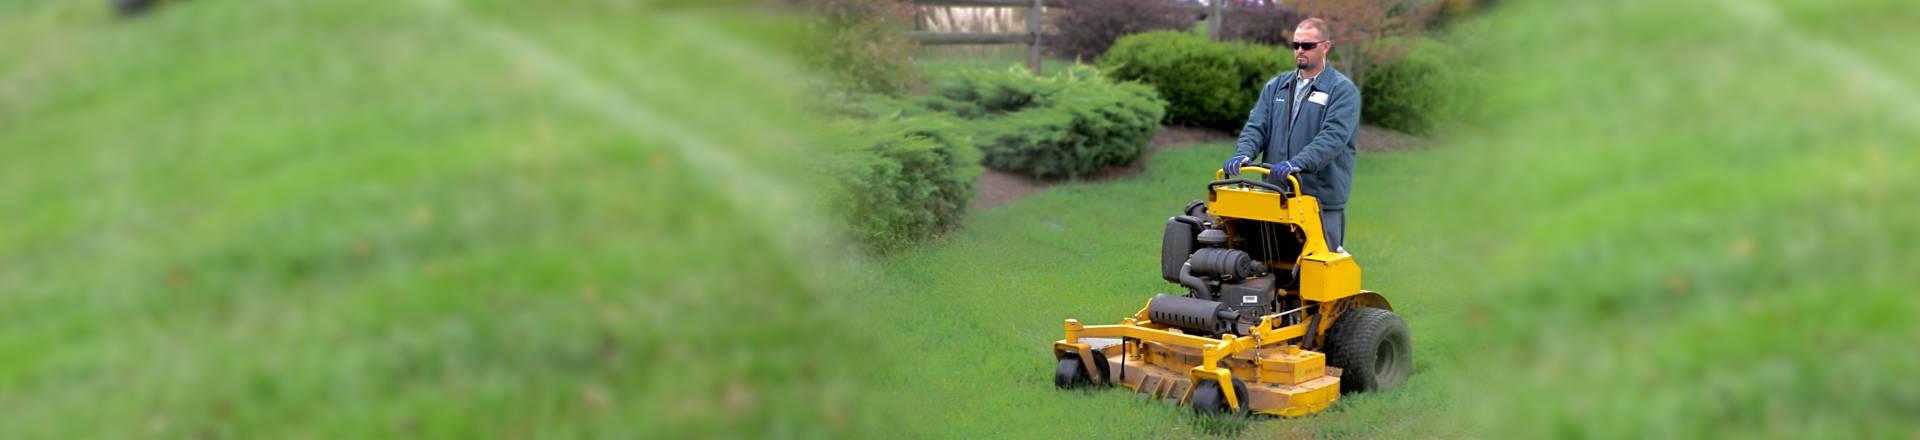 lawn-mowing-leesburg-va2